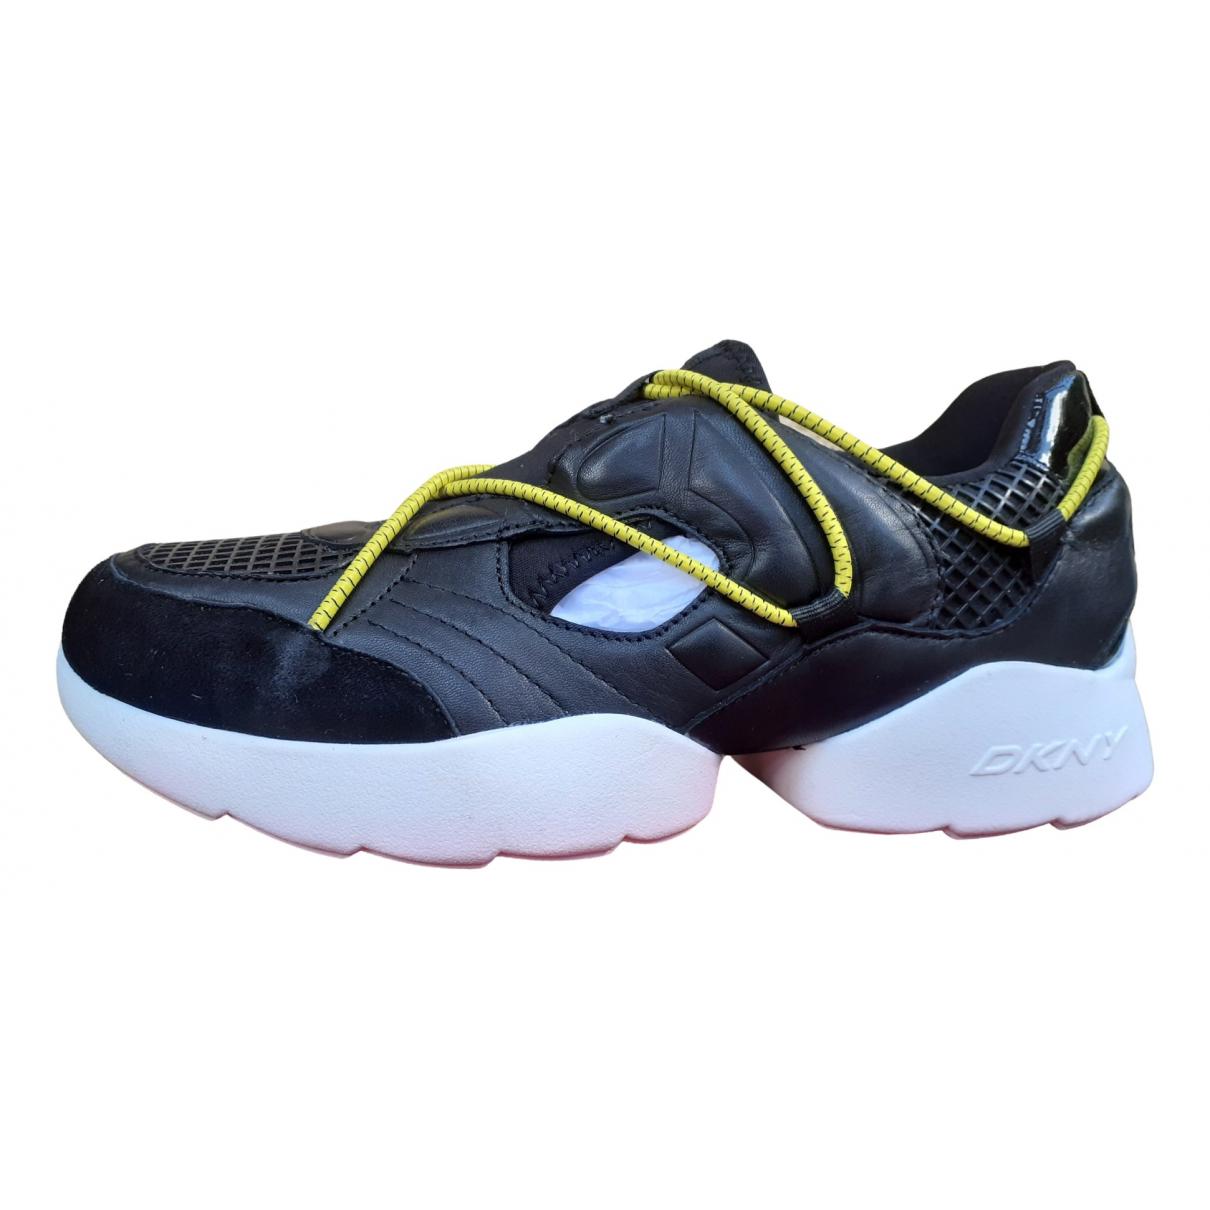 Dkny \N Sneakers in  Schwarz Leder